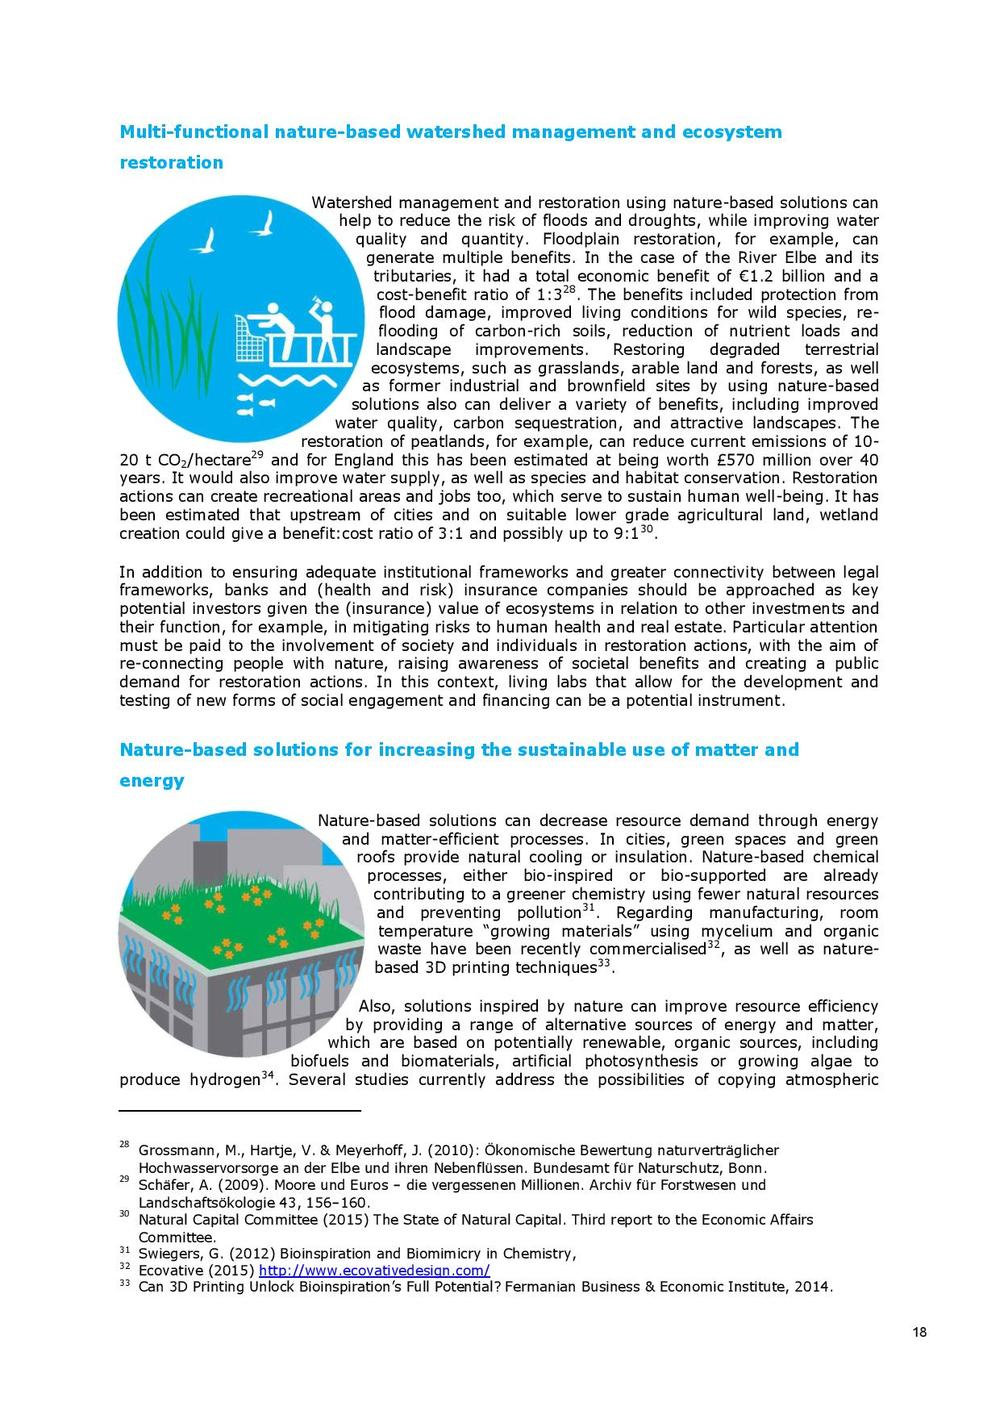 DG RTD_WEB-Publication A4_NBS_long_version_20150310-page-020.jpg